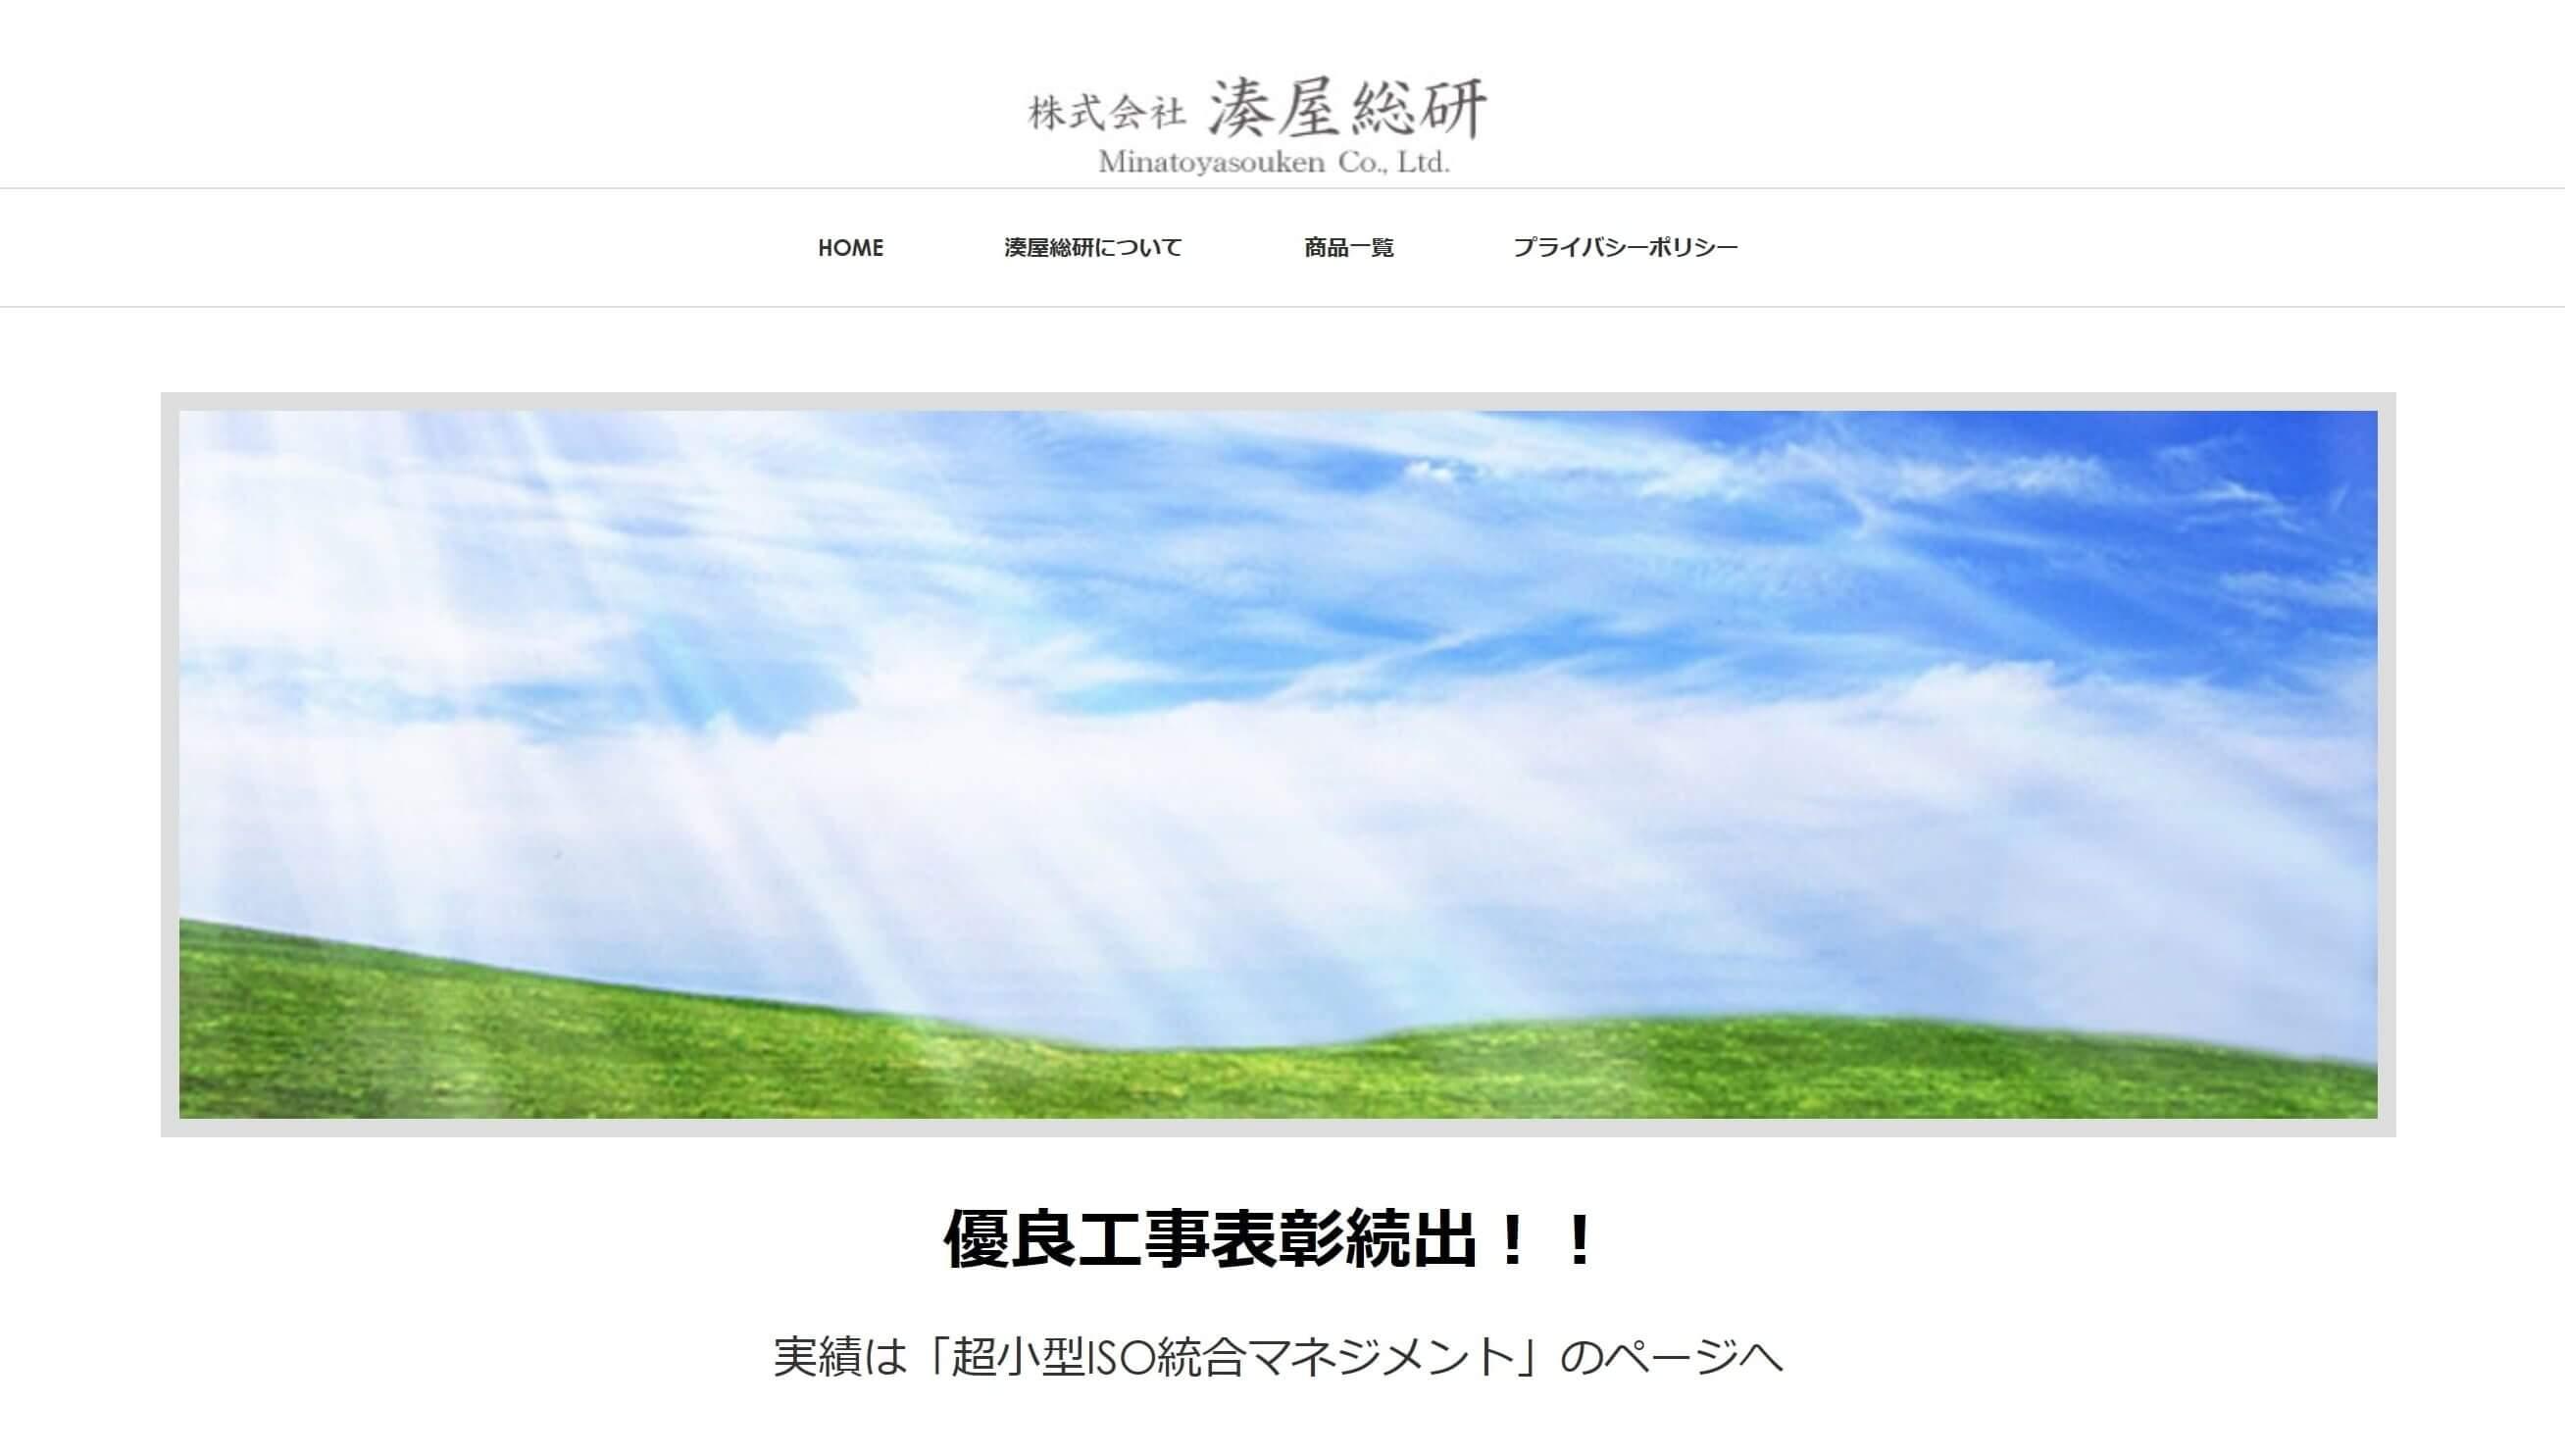 株式会社湊屋総研